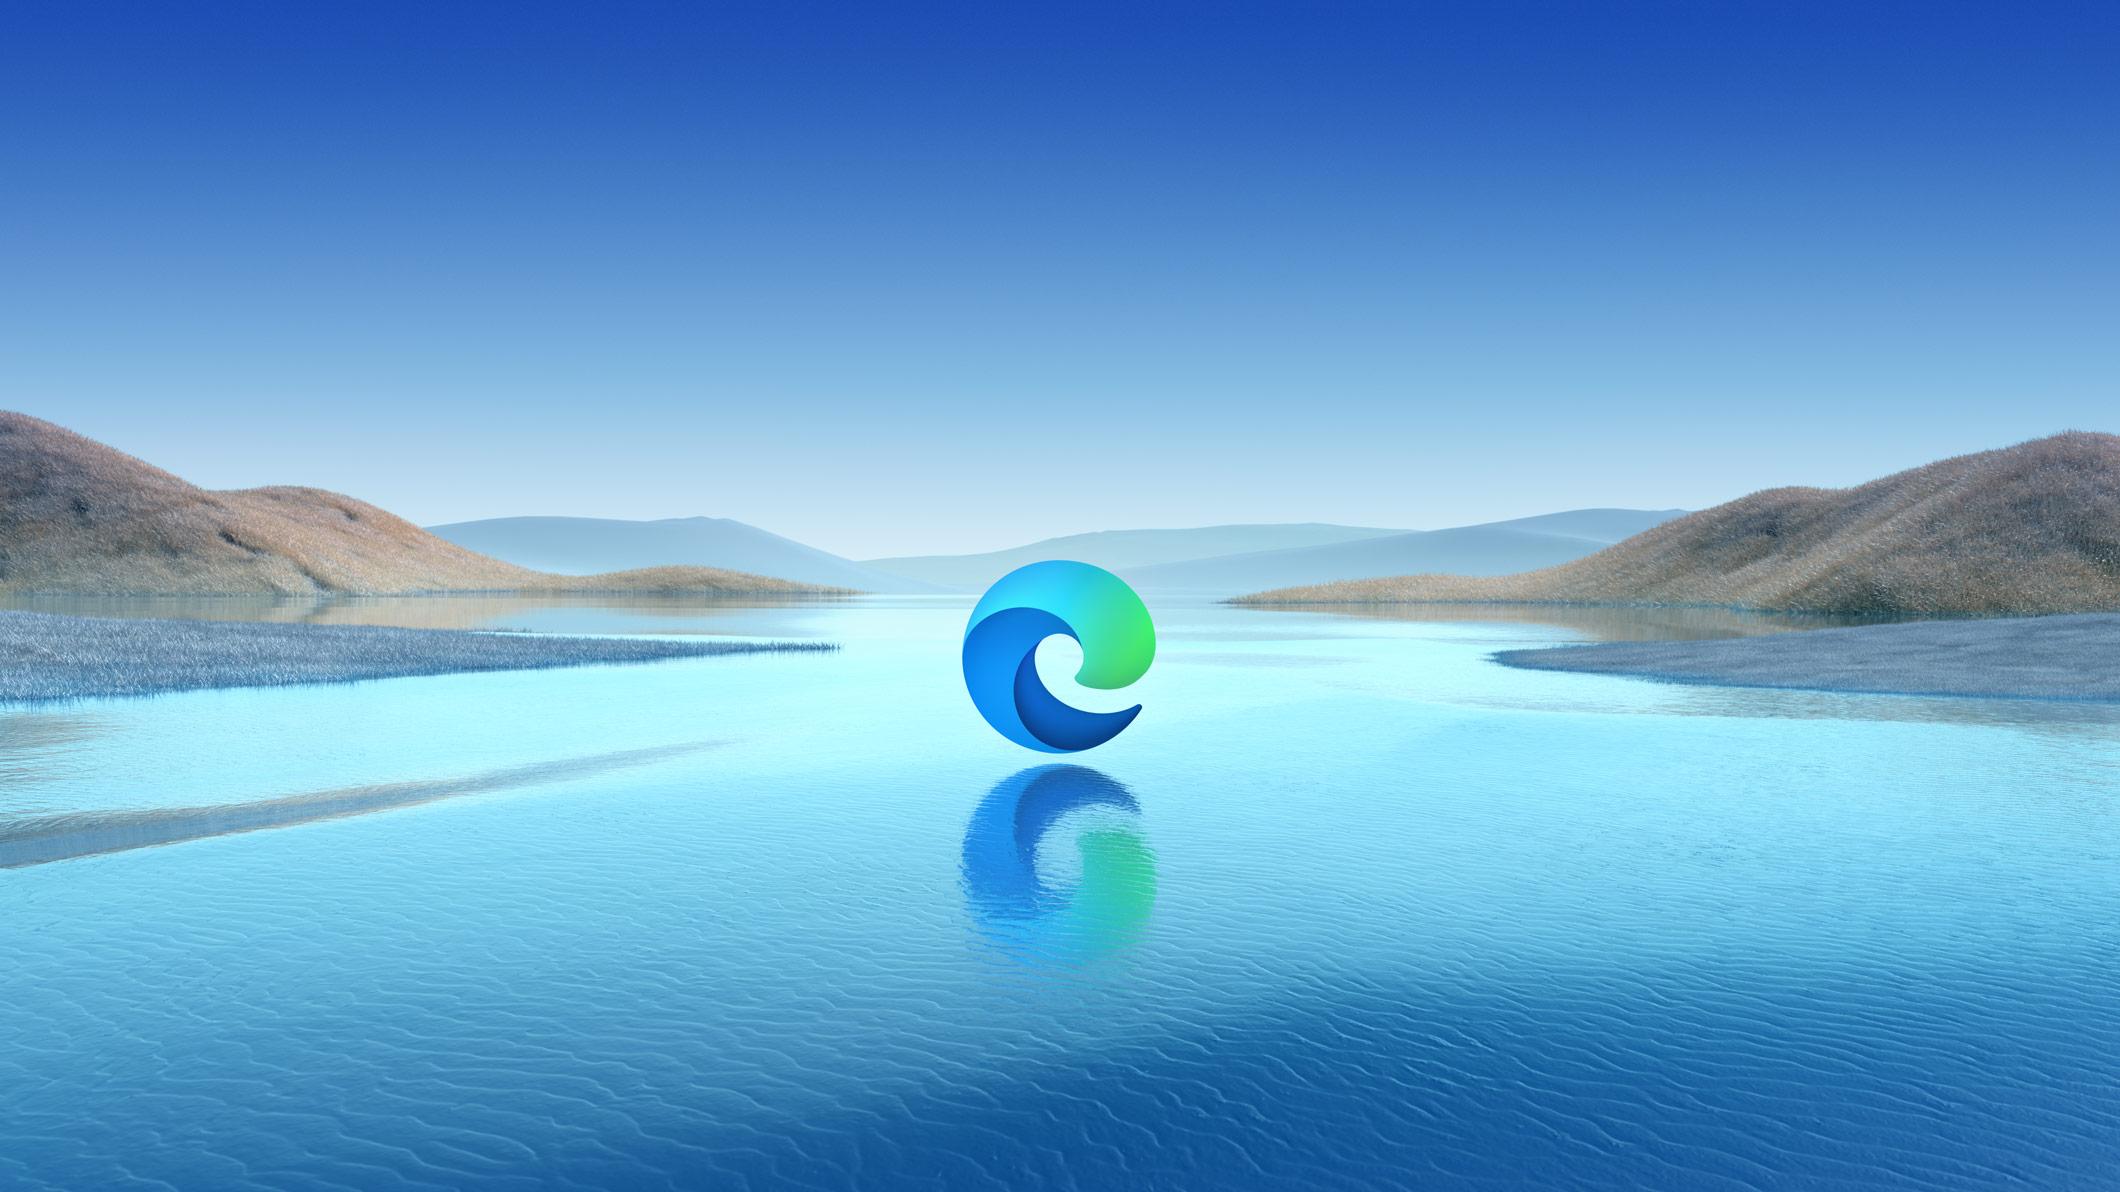 เบราว์เซอร์ Microsoft Edge Chromium เปลี่ยนแปลงดีขึ้นกว่า Google Chrome